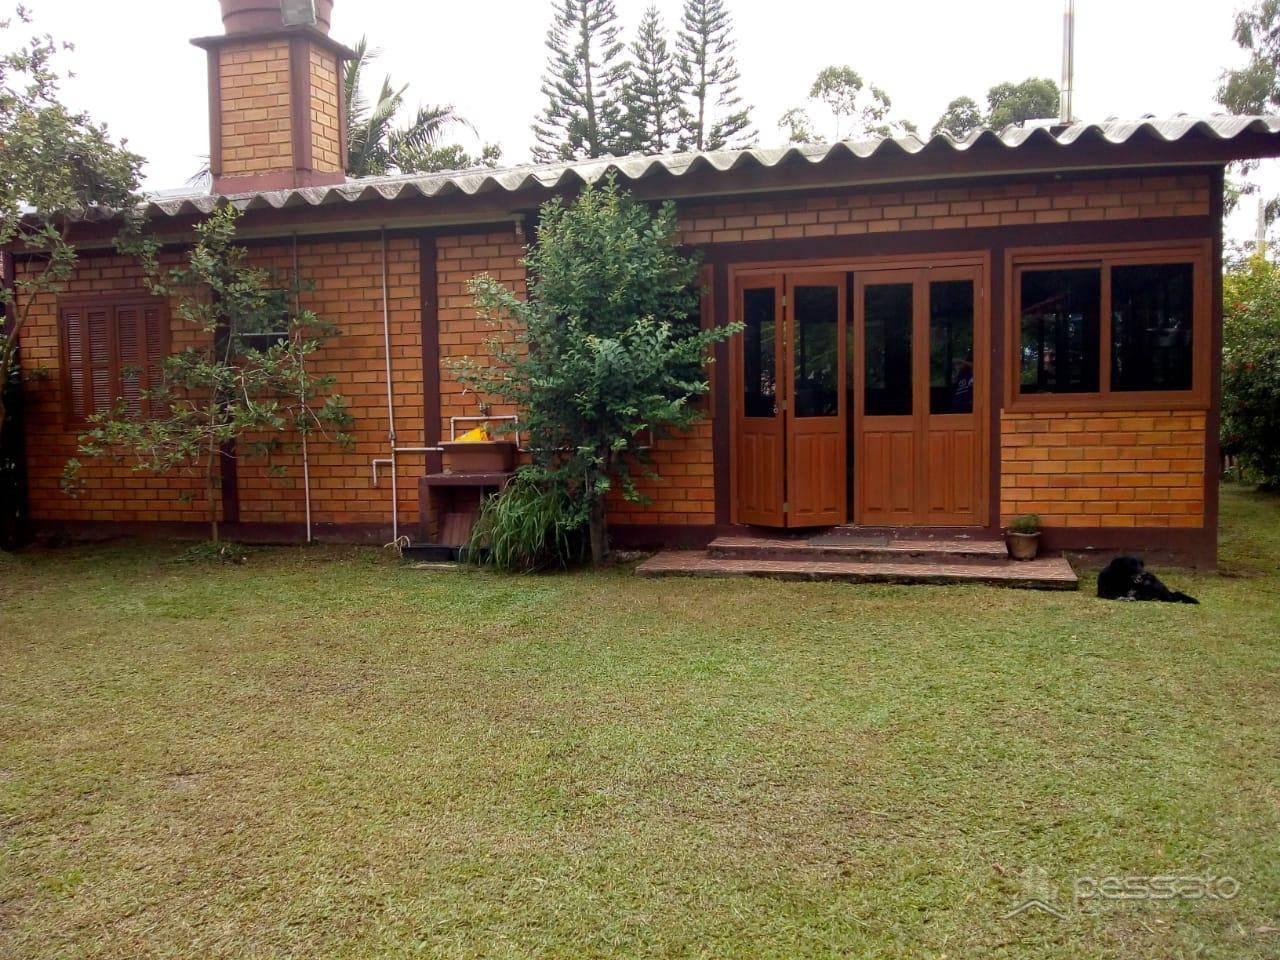 chácara 2 dormitórios em Gravataí, no bairro Loteamento Recanto Do Itacolomi